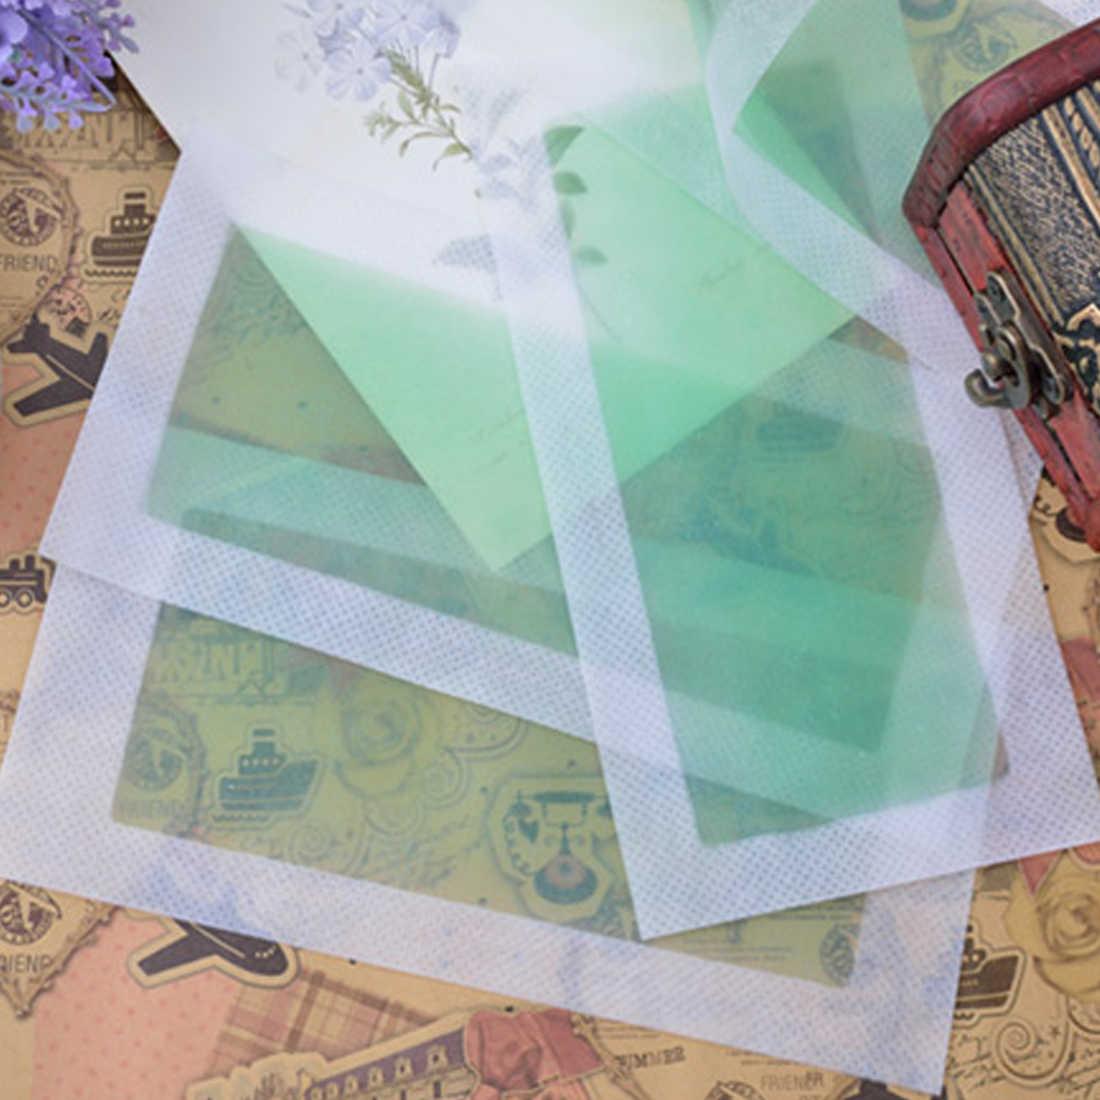 Yeni 10 adet 5 yaprak Yeşil Saç Kaldırma Çift Taraflı Soğuk balmumu şerit Kağıtları Bacak Vücut Yüz Ağda Nonwoven Tüy Dökücü sökücü